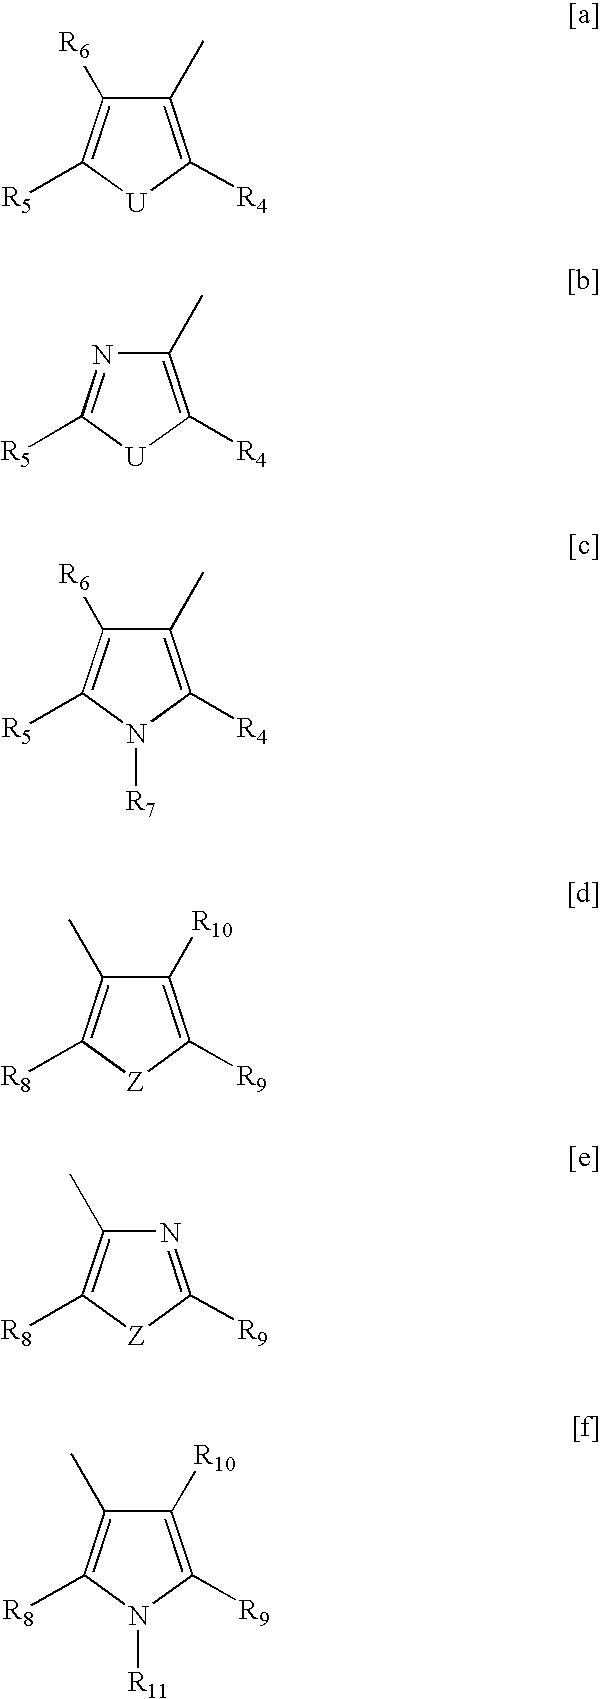 Figure US07645558-20100112-C00020